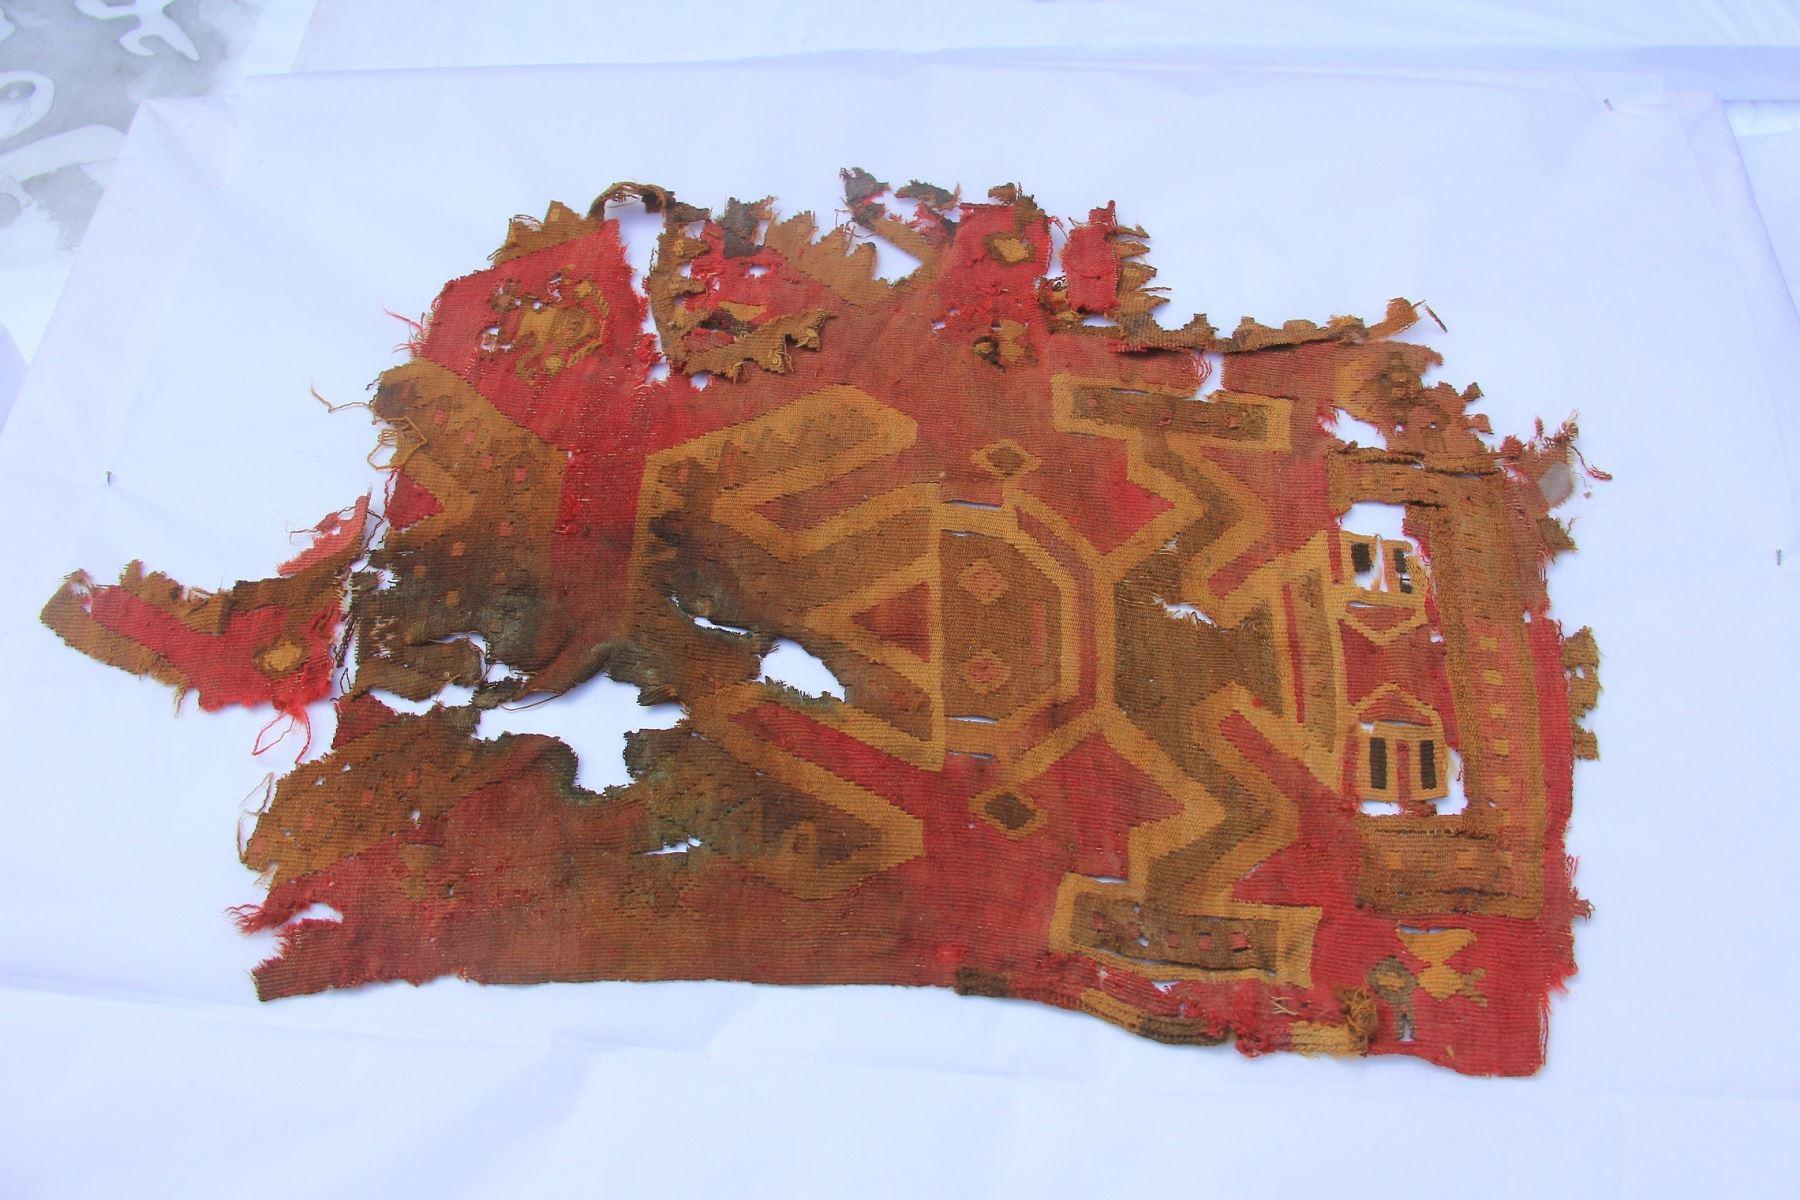 Hallan cuatro esculturas, un cetro de madera, vasijas y telares y otros vestigios en Chan Chan. ANDINA/Luis Puell